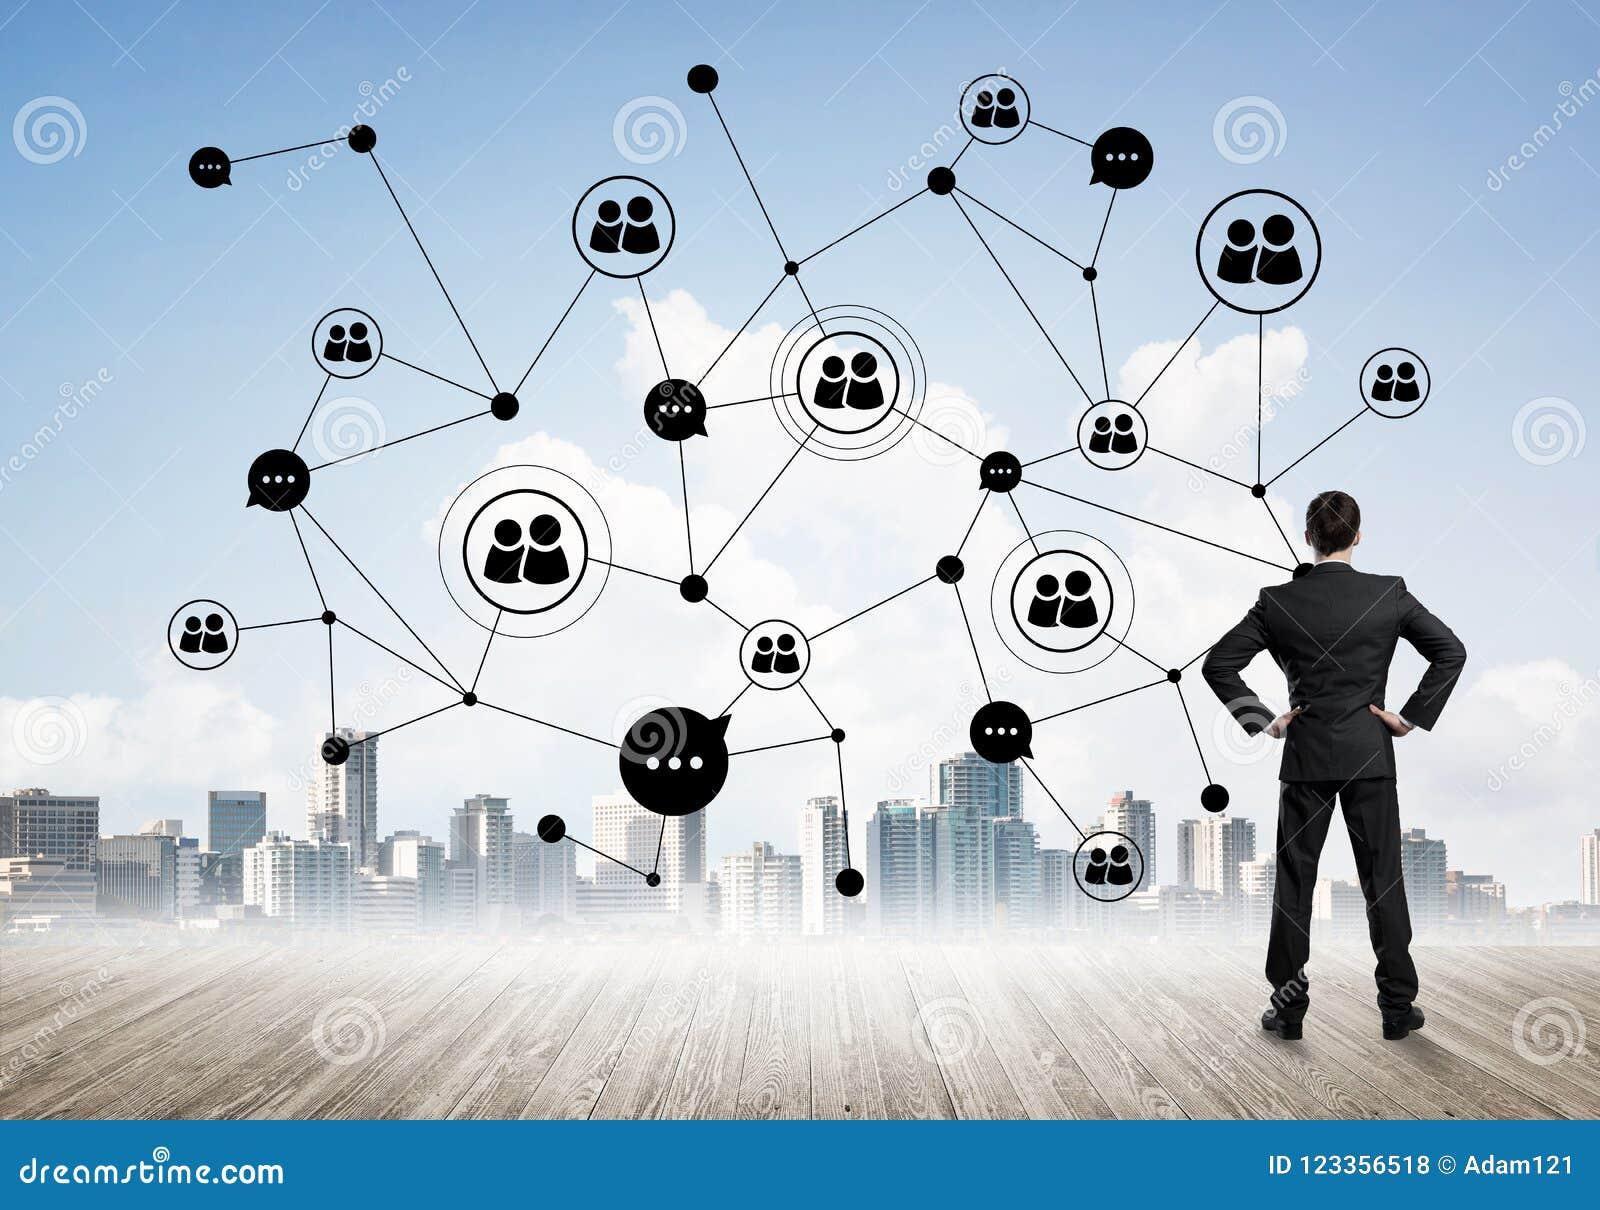 collegamento sociale